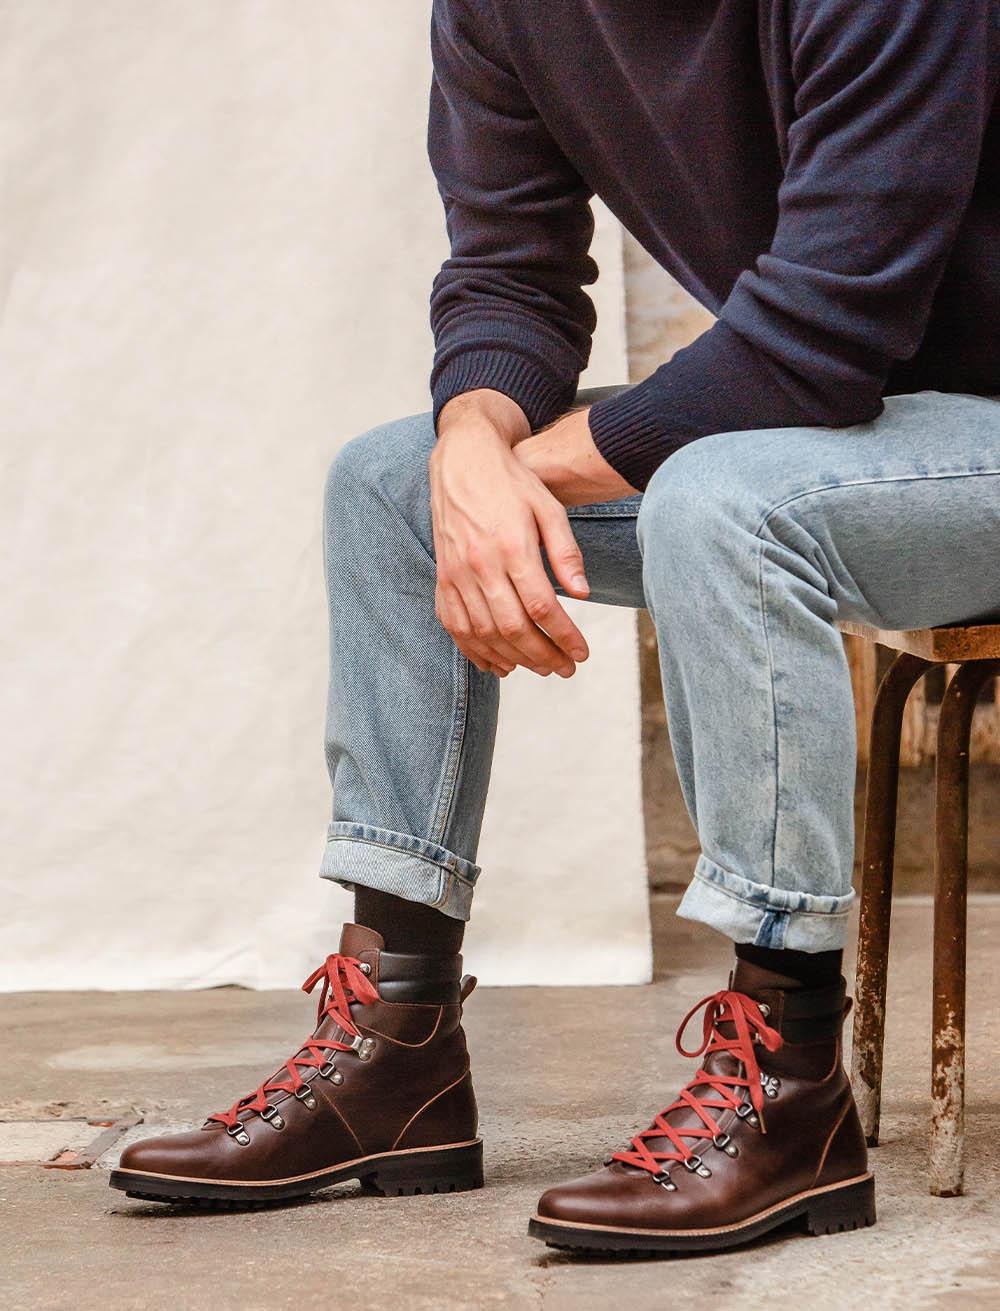 Alpine boots - Burgundy